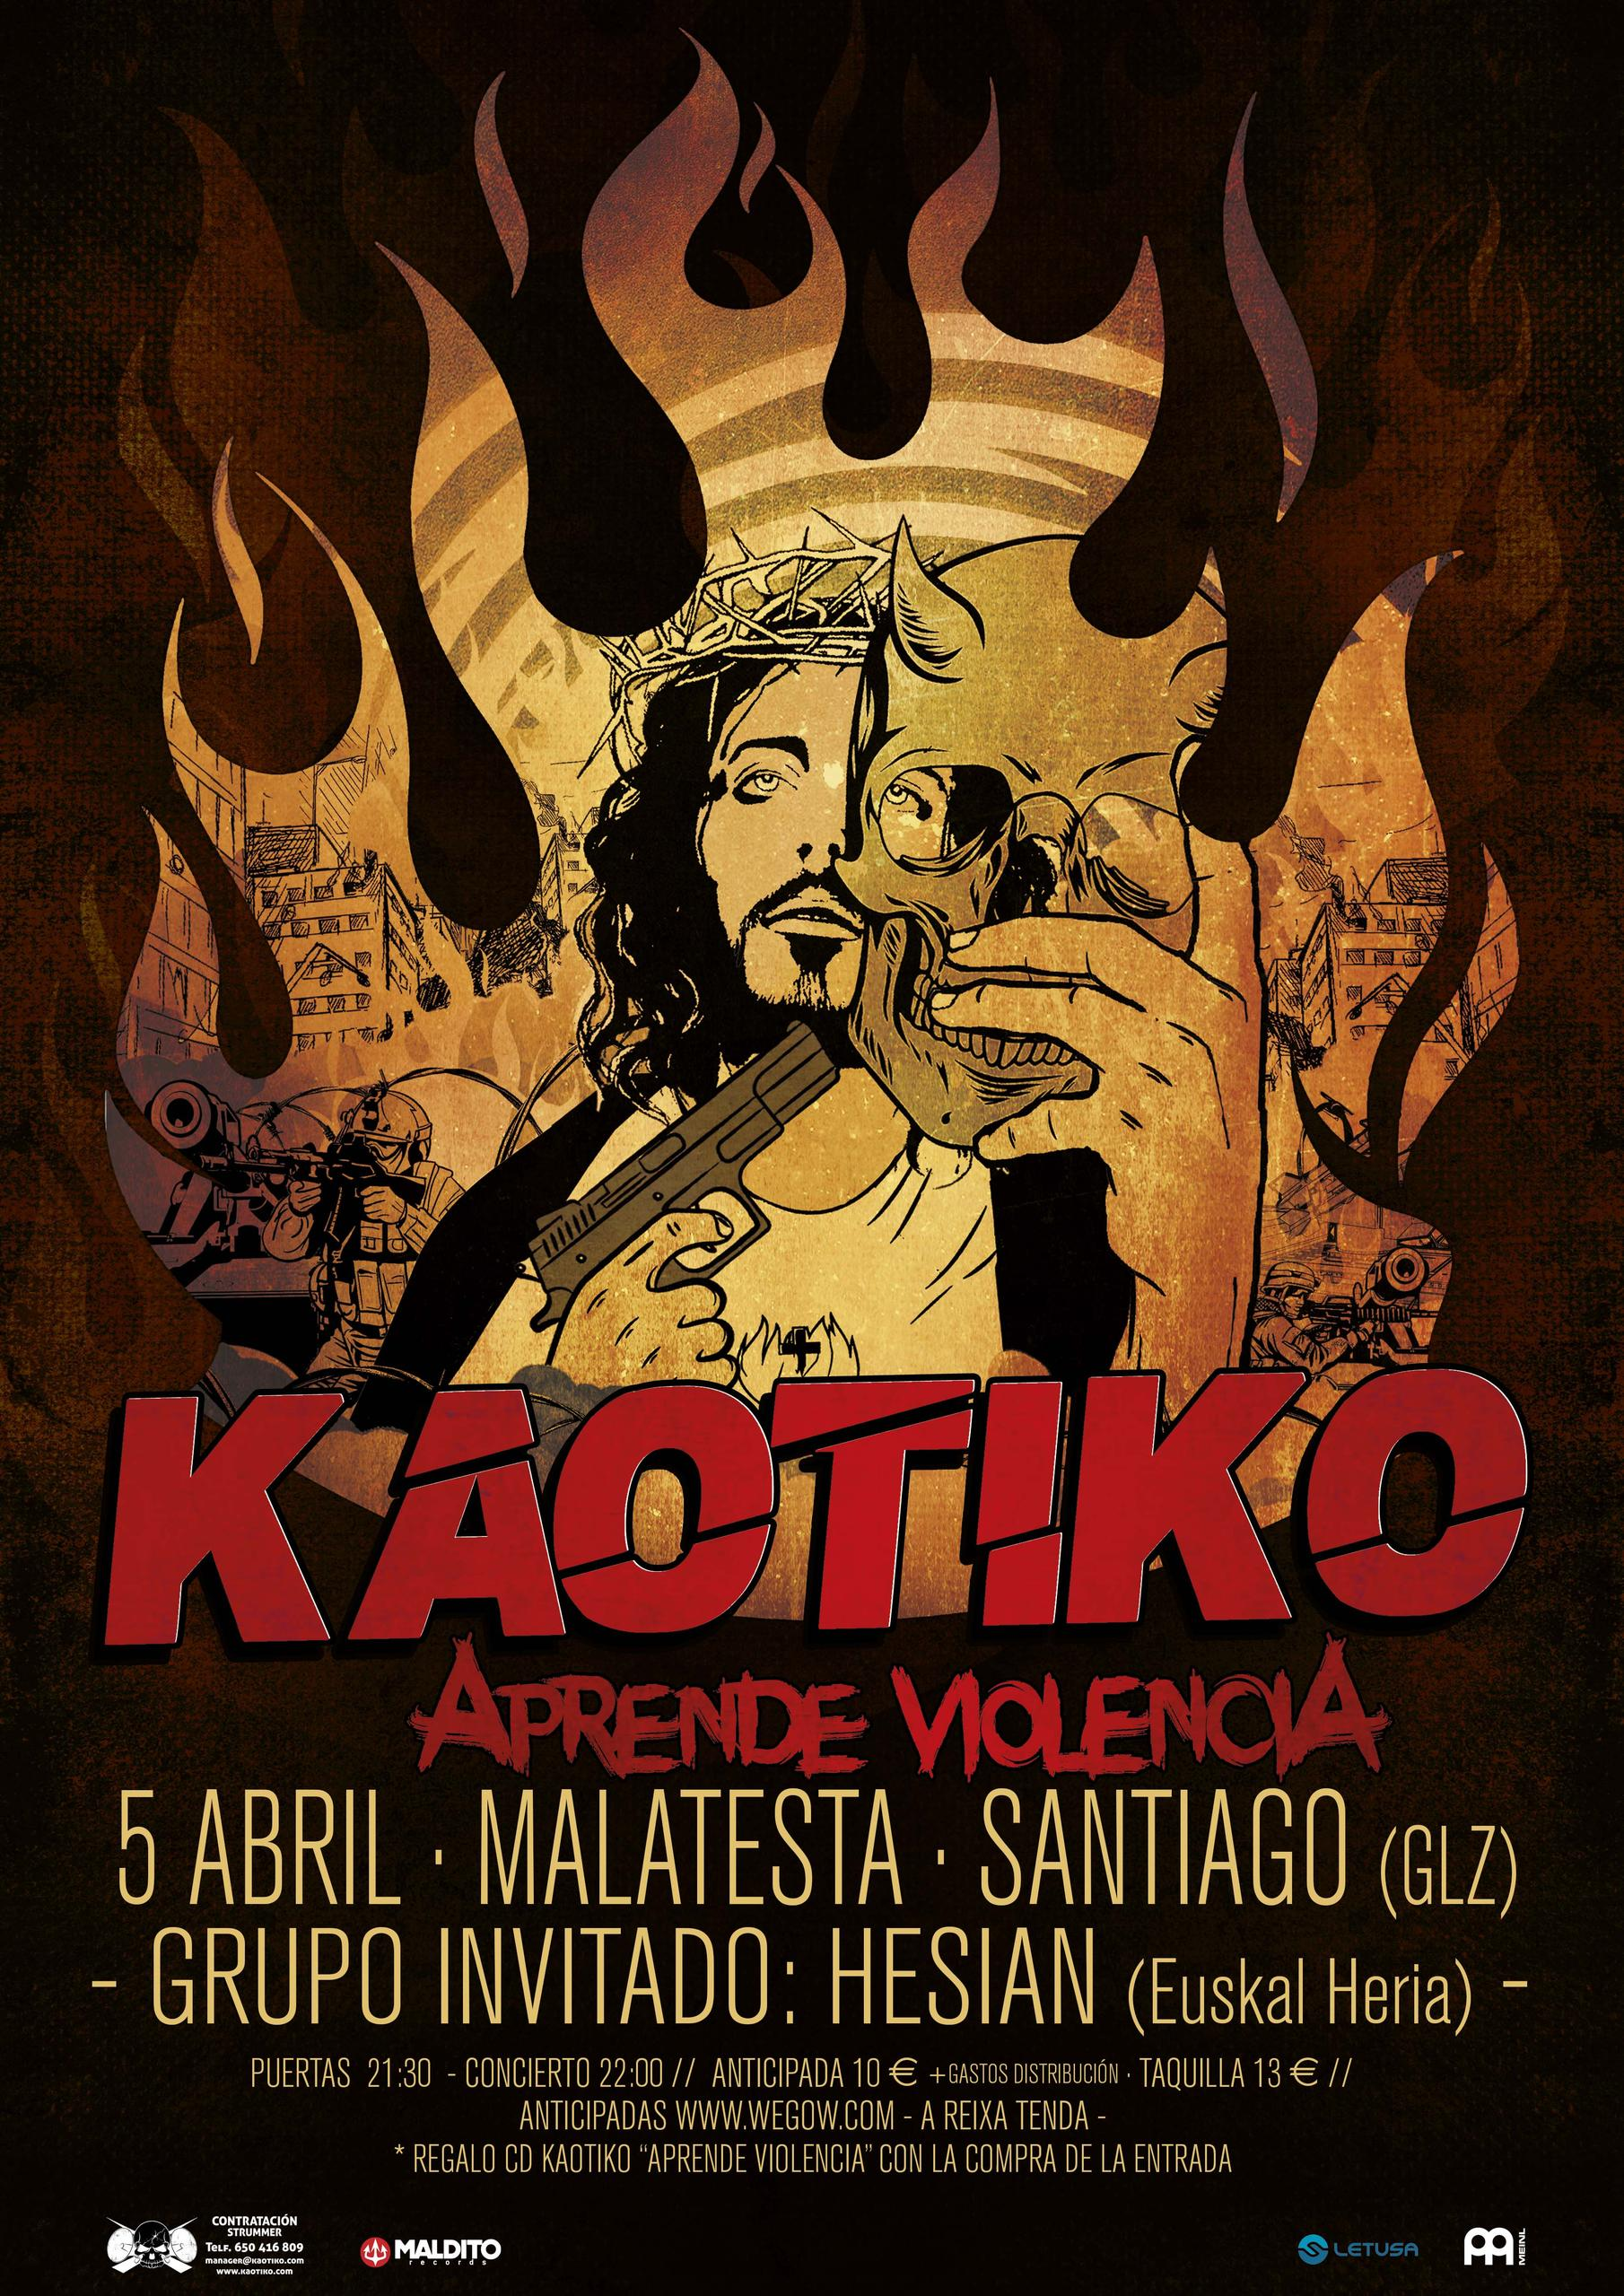 Cartel de la presentación de KAOTIKO en Santiago de Compostela